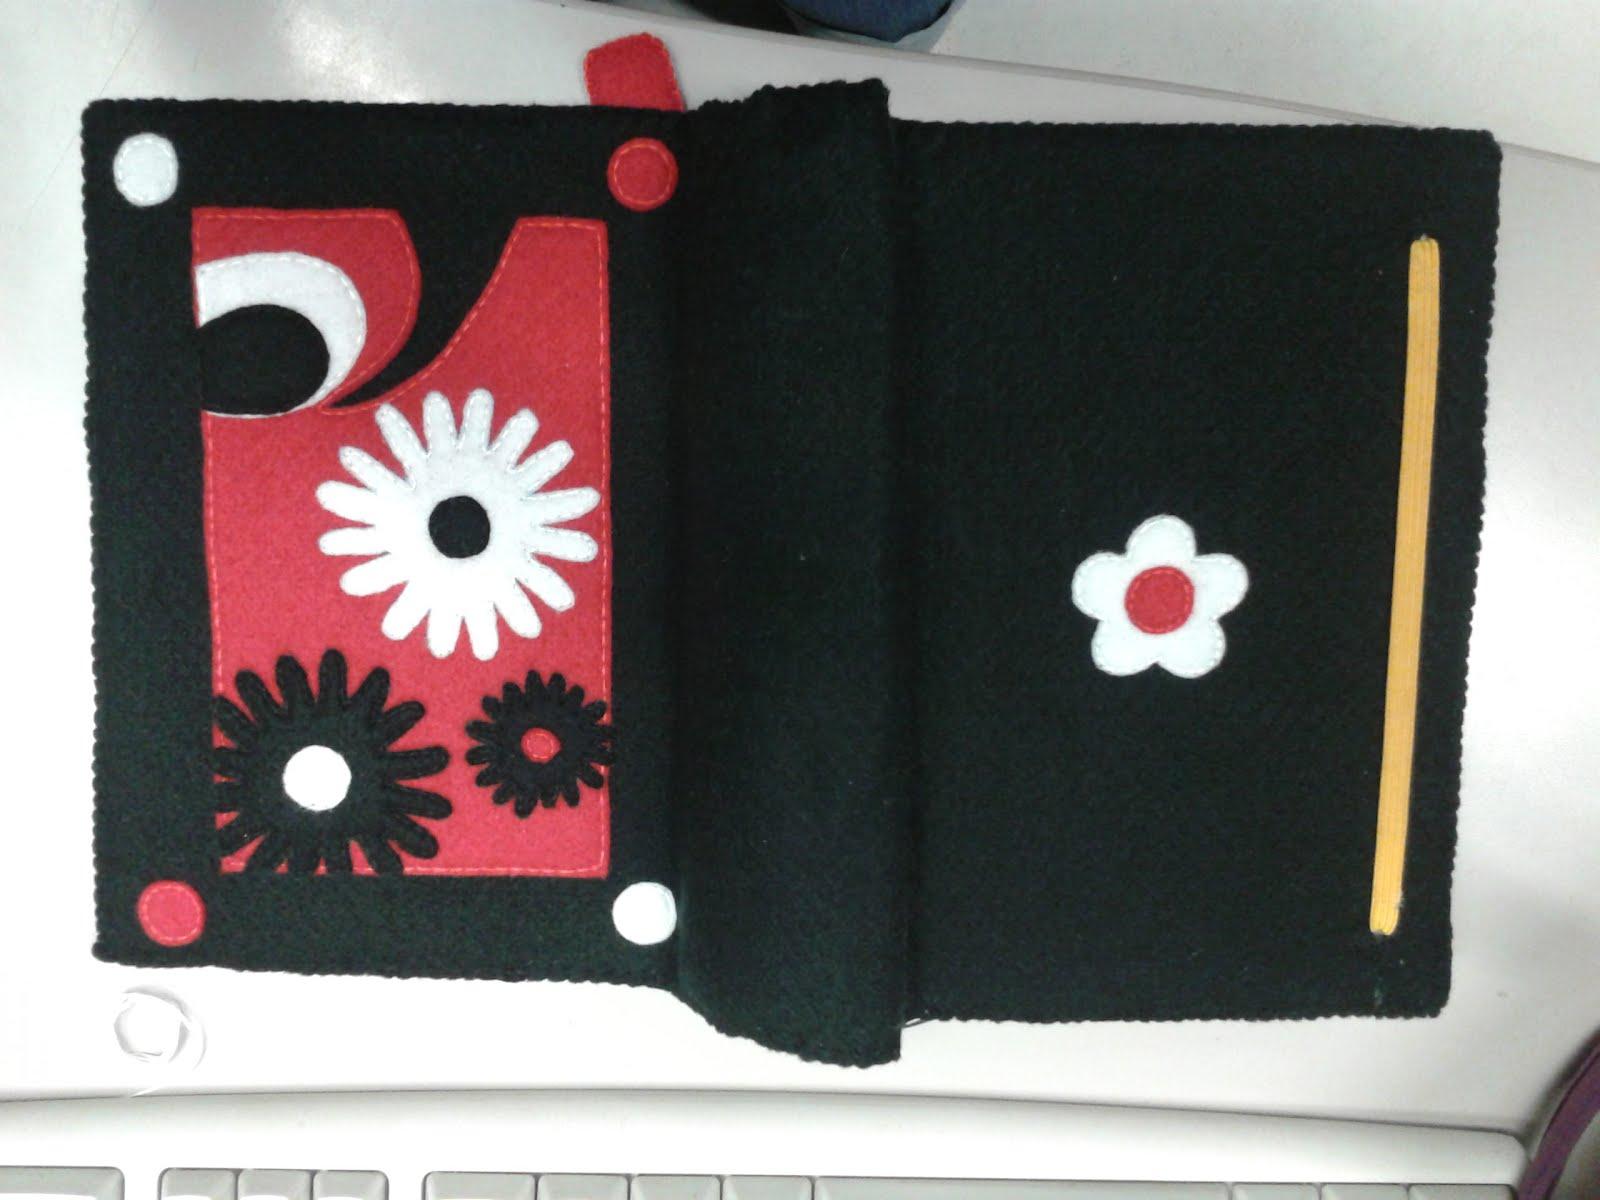 Shexeldetallitos blog de manualidades agenda con flores - Blog de manualidades y decoracion ...